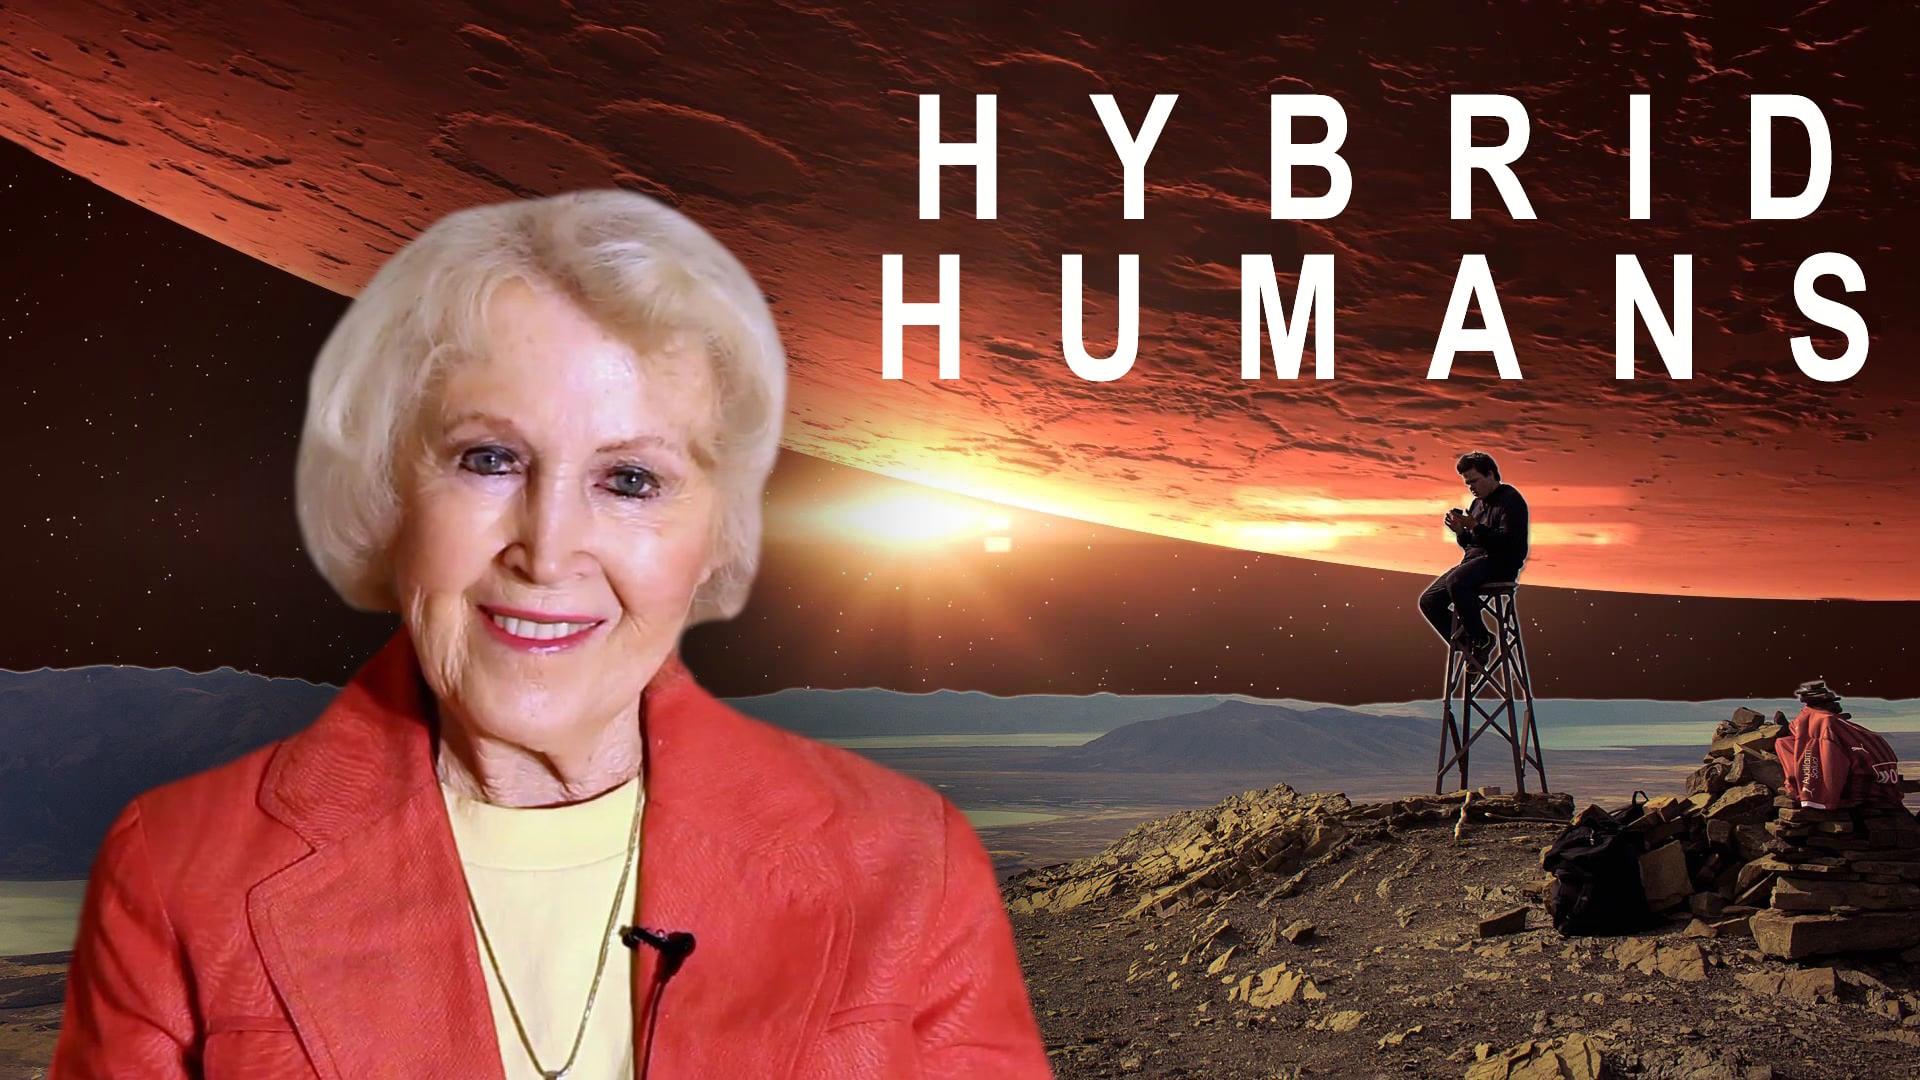 Hybrid Humans